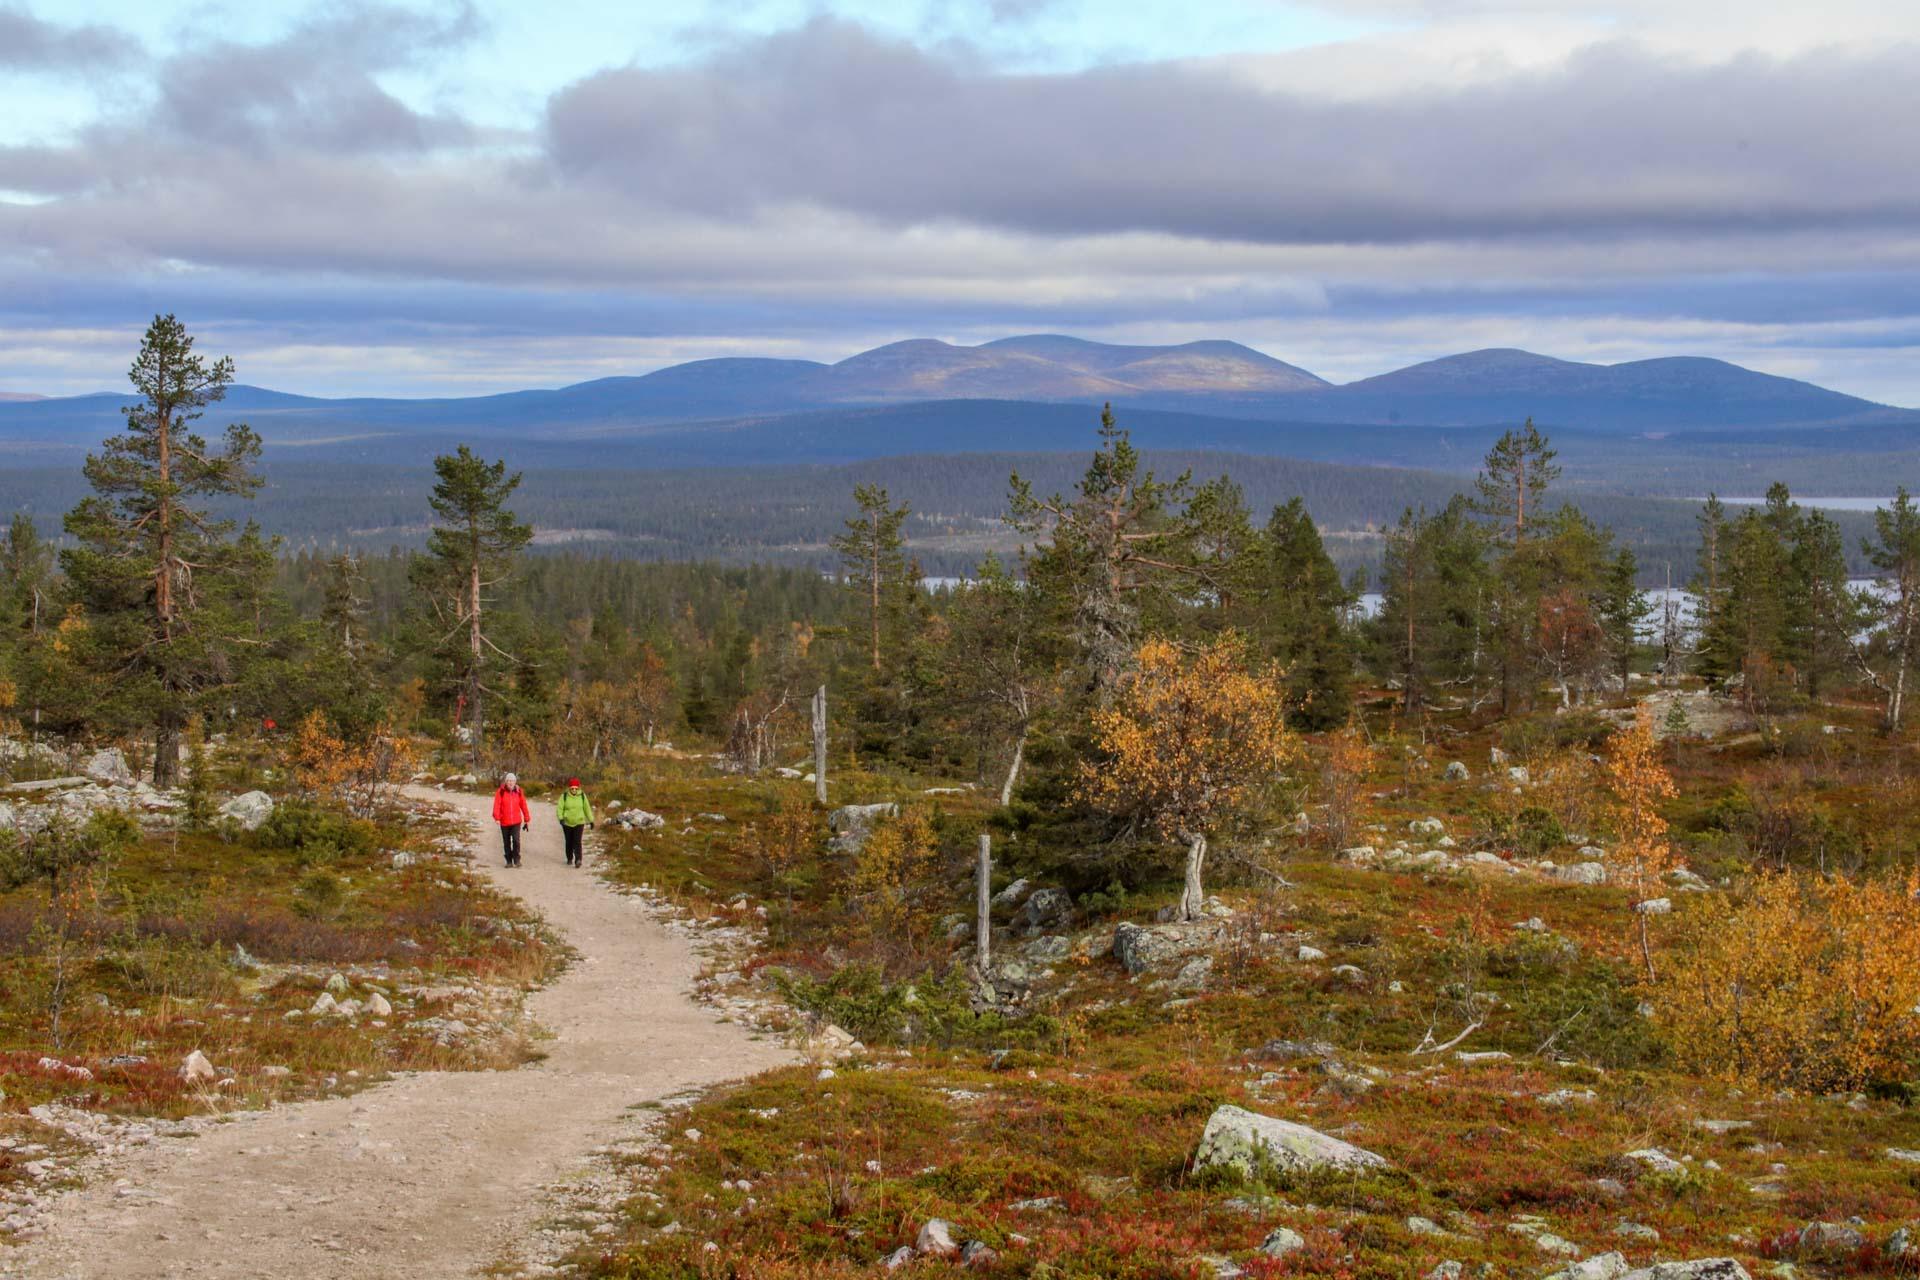 Särkitunturilta voi ihailla horisontissa näkyvää Pallaksen tunturijonoa. © Liisa Kuittinen